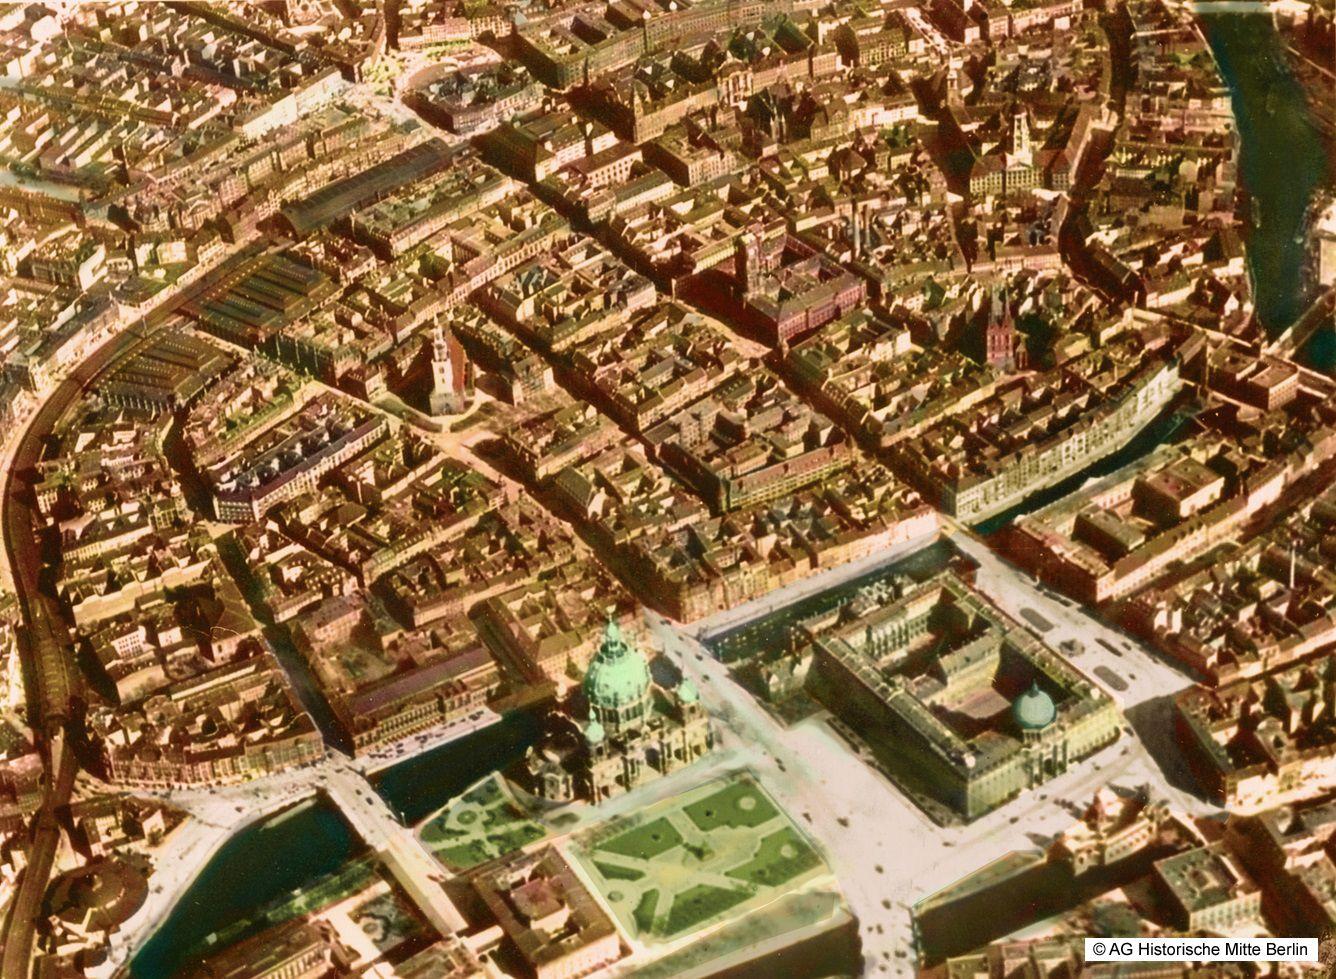 Historische Mitte Berlin Luftaufnahme Coloriert 1920 Stadtschloss Luftaufnahme Luftbild